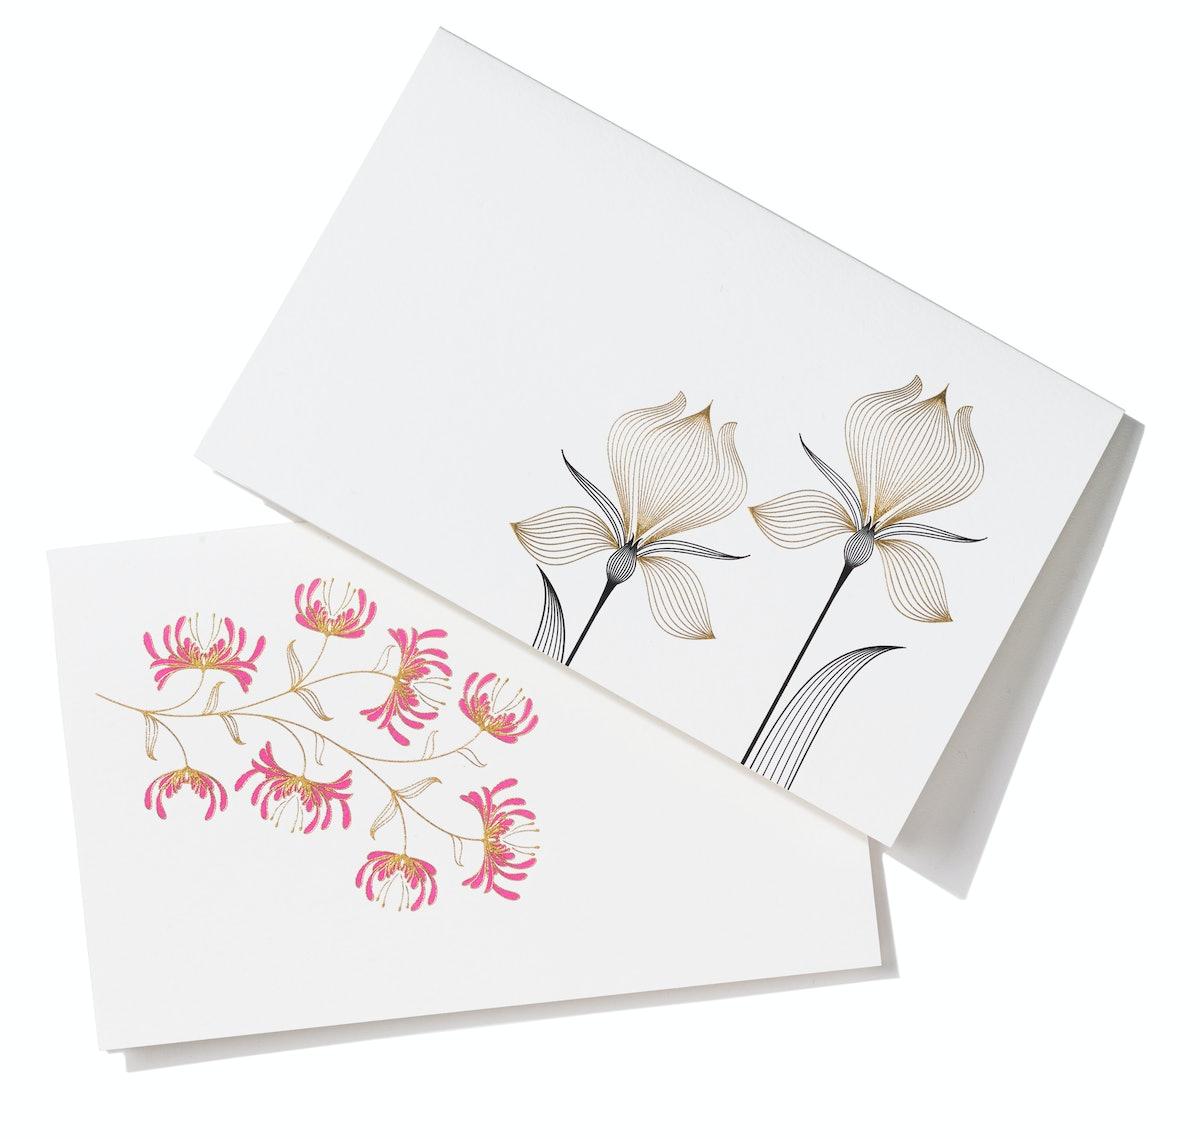 Smythson notelets